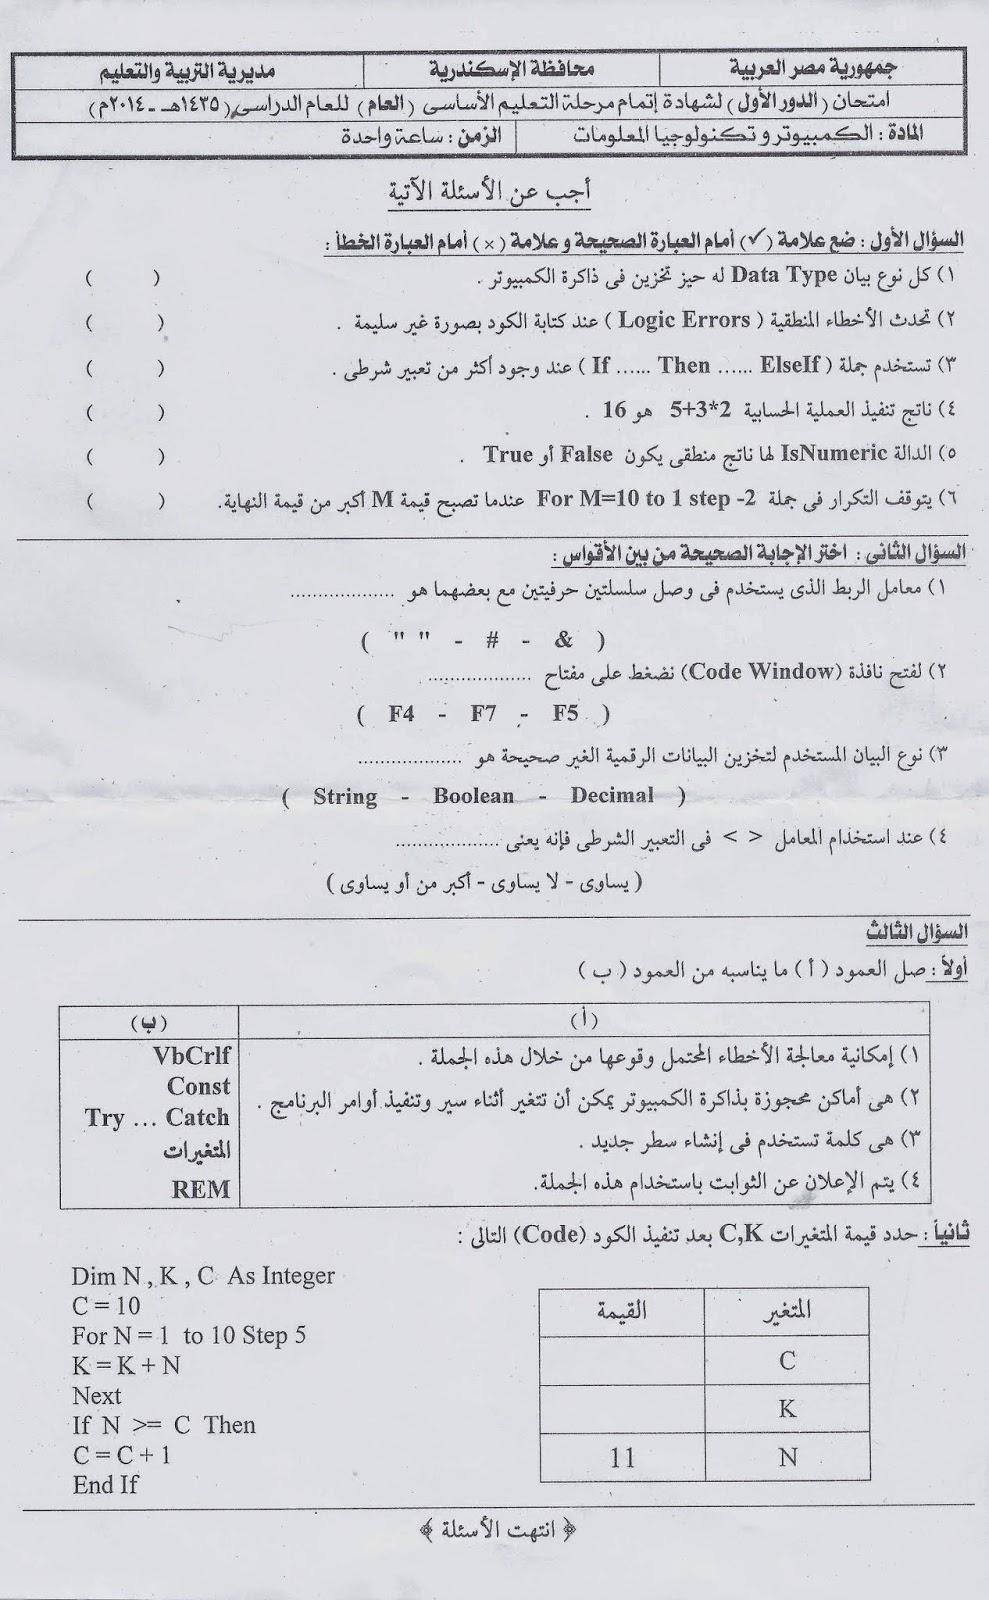 امتحان الكمبيوتر للشهادة الاعدادية الترم الثانى 2014 محافظة الاسكندرية scan0003.jpg